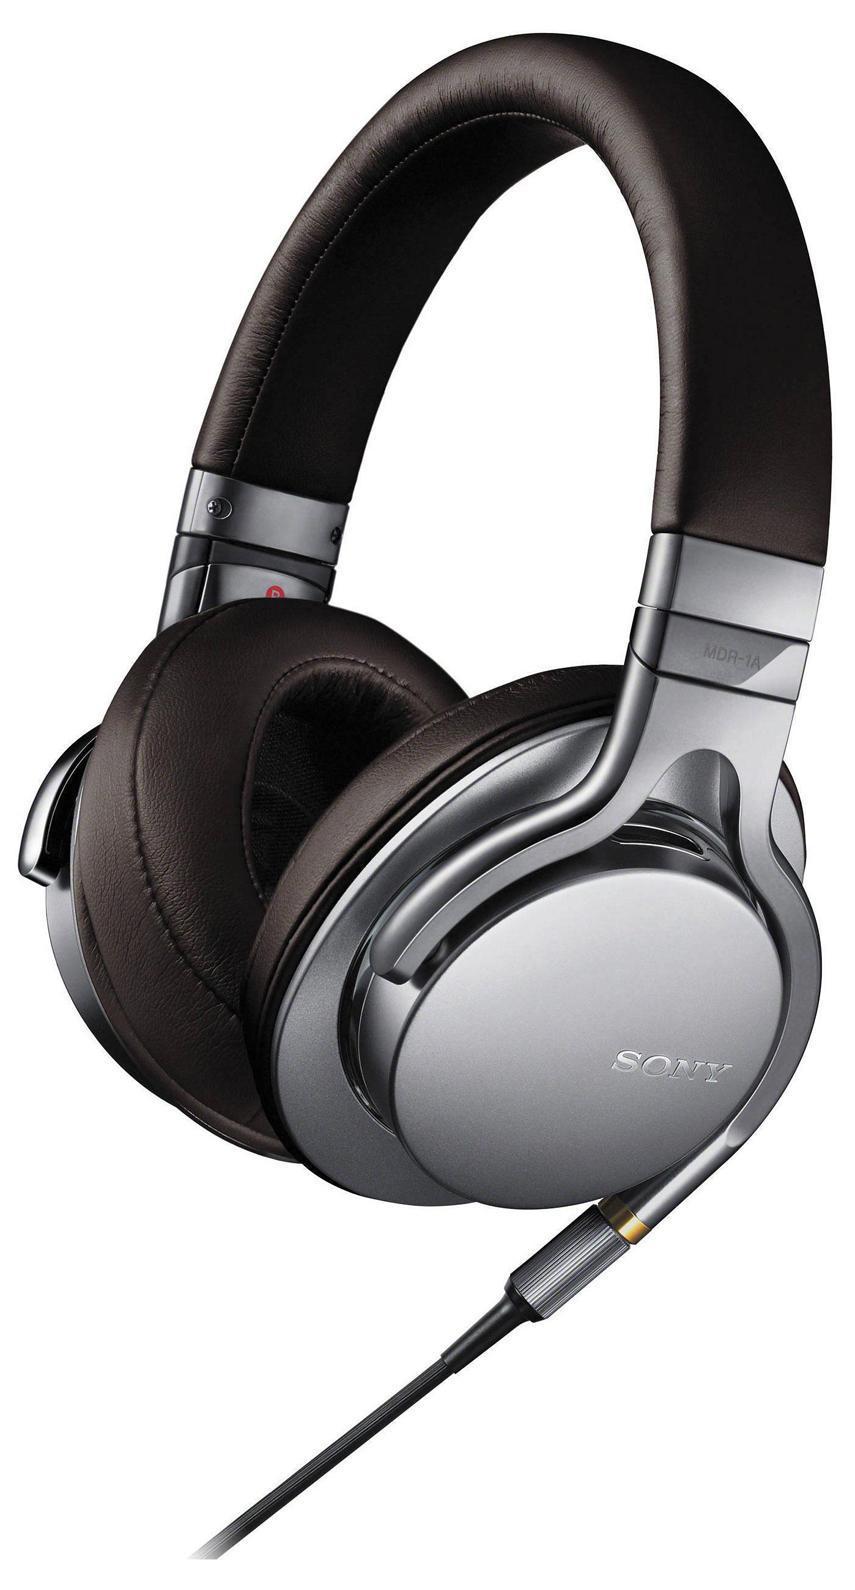 Sony MDR-1A, Silver наушникиMDR1AS.EУслышьте музыку такой, какой она была создана, благодаря форматамаудио высокой четкости Пусть ваша музыкальная коллекциязазвучит по-новому с поддержкой форматов аудио высокой четкости.За счетпреобразования аналогового сигнала в цифровой с более высокимбитрейтом по сравнению с компакт-дисками,(24 бит/192 кГц, вместотрадиционных 16 бит/44,1 кГц) форматы аудио высокого разрешенияпозволяют максимально приблизить звучание записи к оригинальномустудийному звуку.Оригинальное звучание благодаря динамическимголовкам HDМощные динамики HD диаметром 40 мм с большимивентиляционными отверстиями воспроизводят пульсирующий,энергичный бас дажев самых сложных музыкальных записях.Легкая и прочная диафрагмаиз ЖК-полимерной пленки с алюминиевым напылением характеризуетсяочень коротким временем отклика,что обеспечивает насыщенность иестественность вокальных партий и частот среднего диапазона.Сделайте громче и слушайте музыку в максимальной детализации на всемдиапазоне